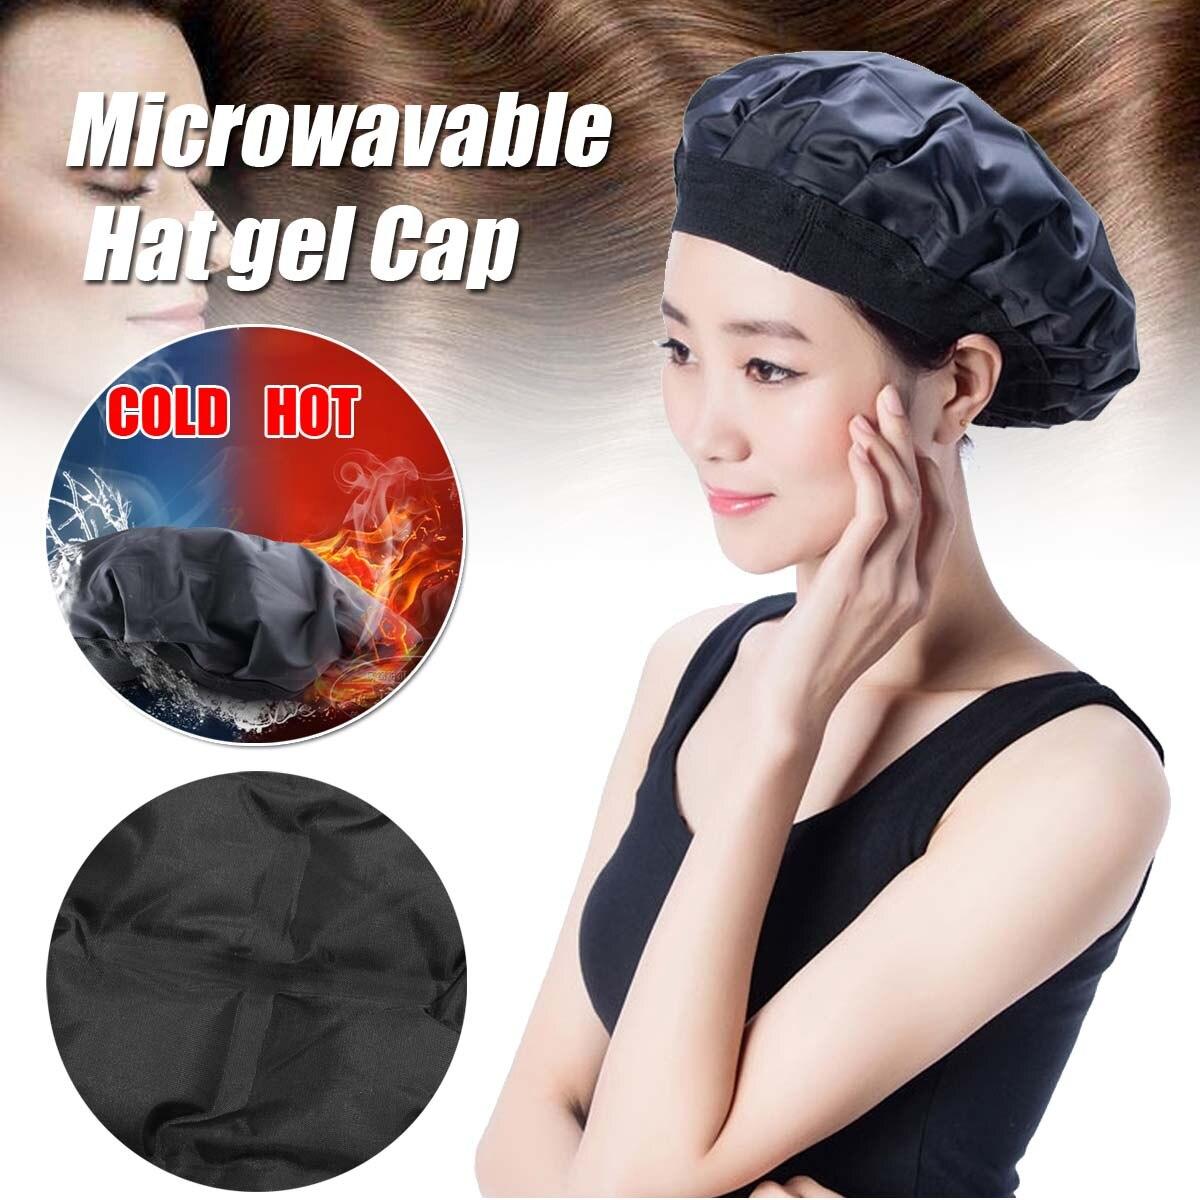 Cuidado do Cabelo Chapéu de Refrigeração Tratamento de Condicionamento Cabelo Máscara Chapéu Aquecimento Microwavable Gel Profundo Fumegante Calor Dupla Utilização Tampas Spz Cap